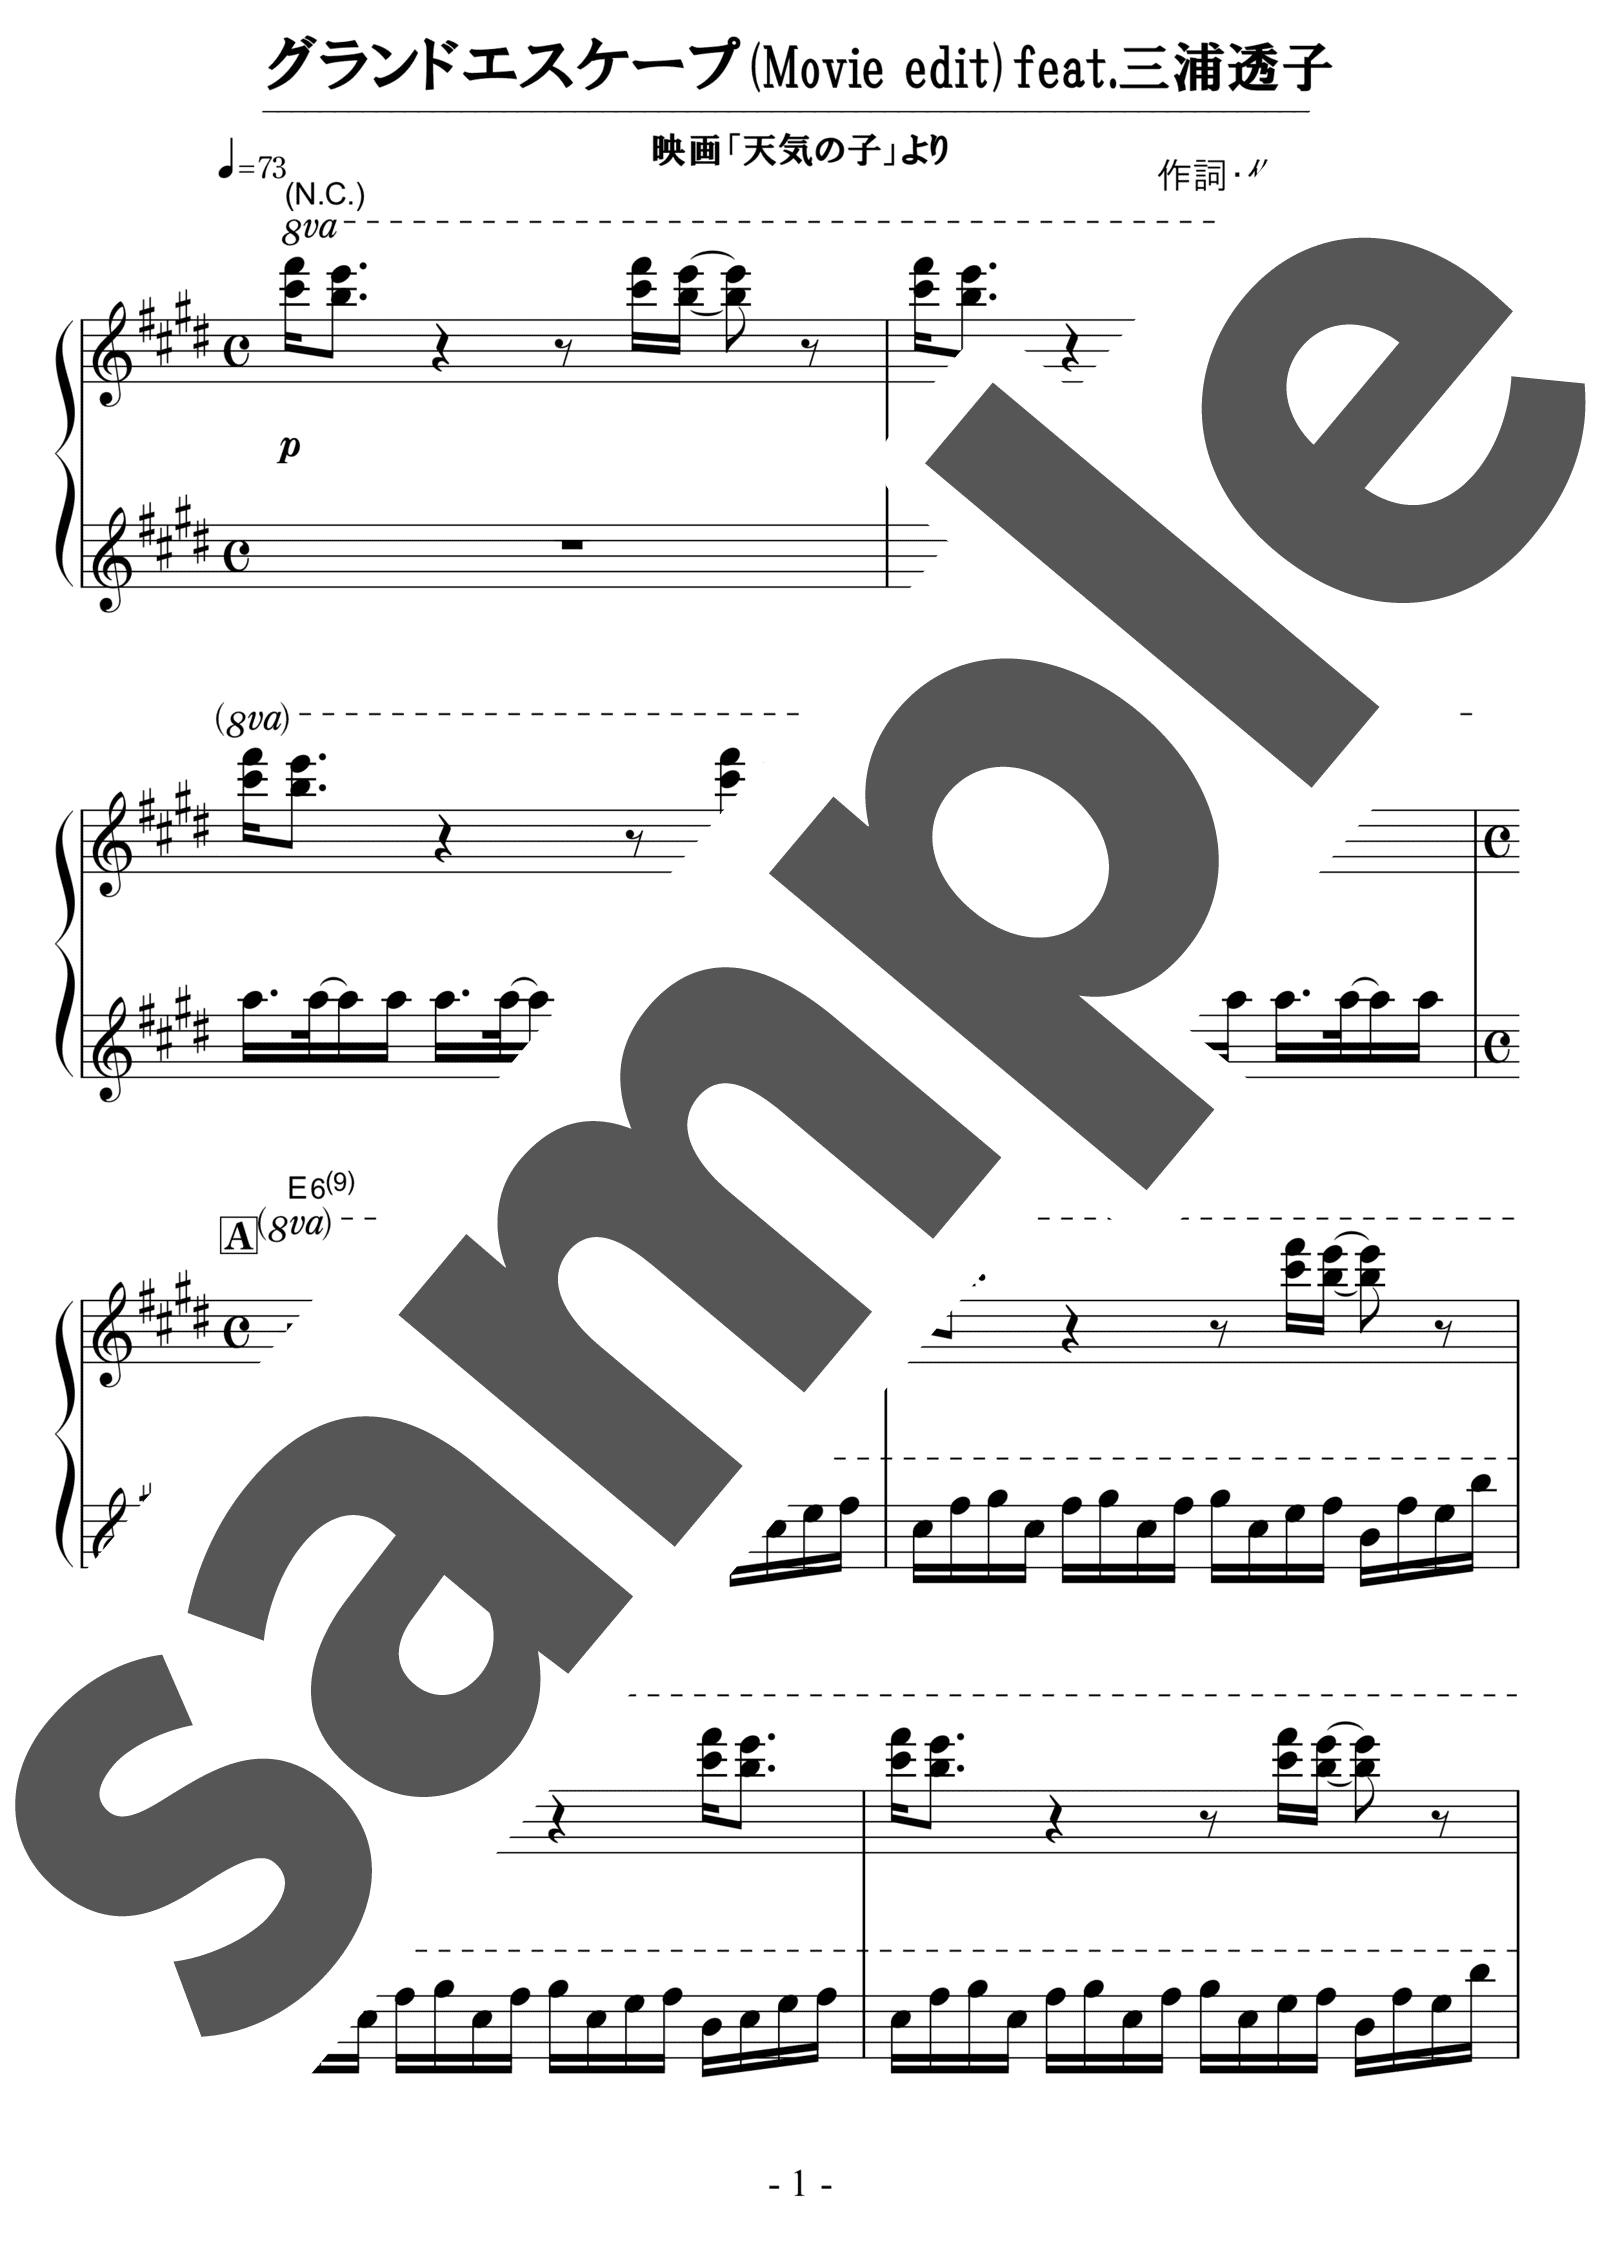 「グランドエスケープ feat.三浦透子」のサンプル楽譜